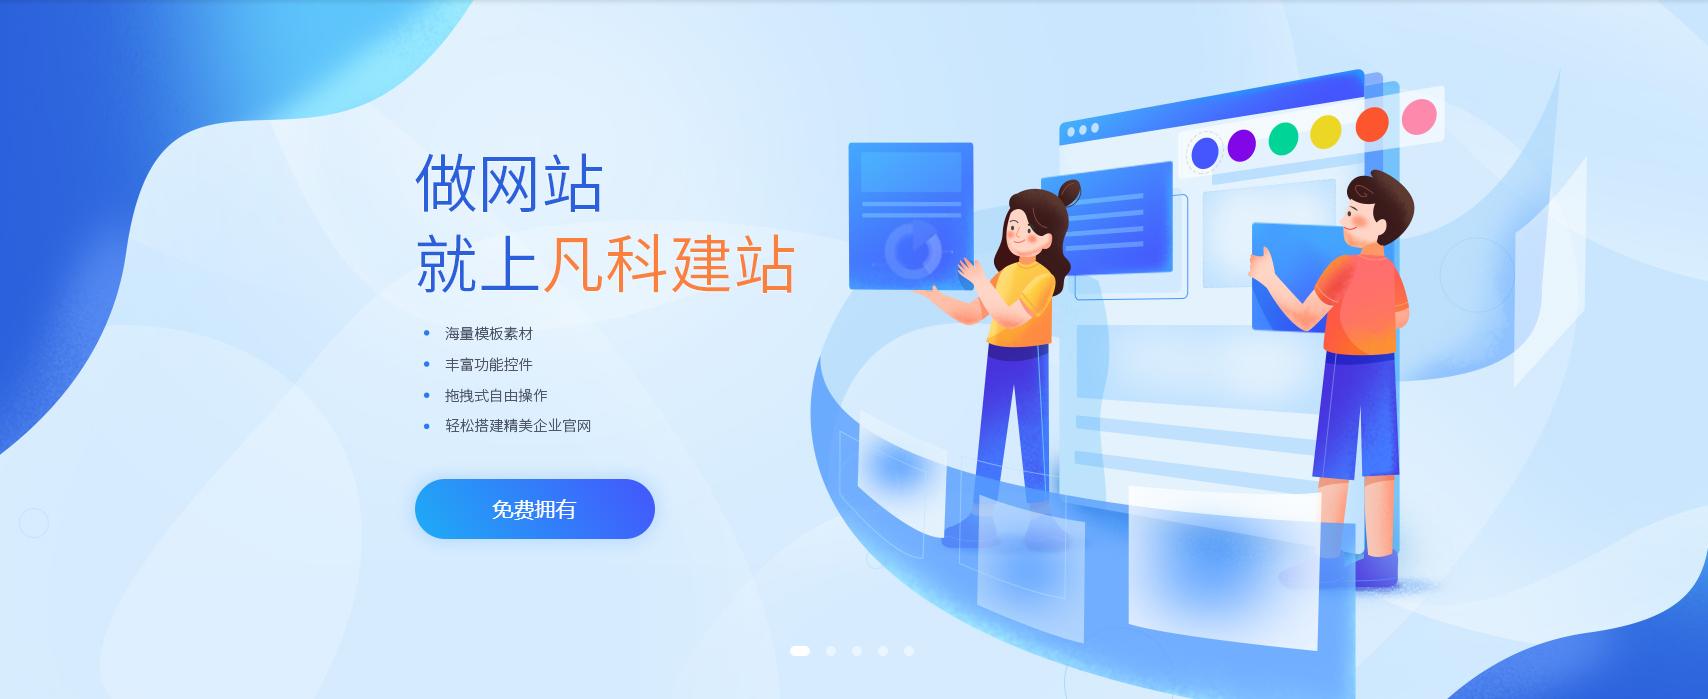 网站页面布局设计